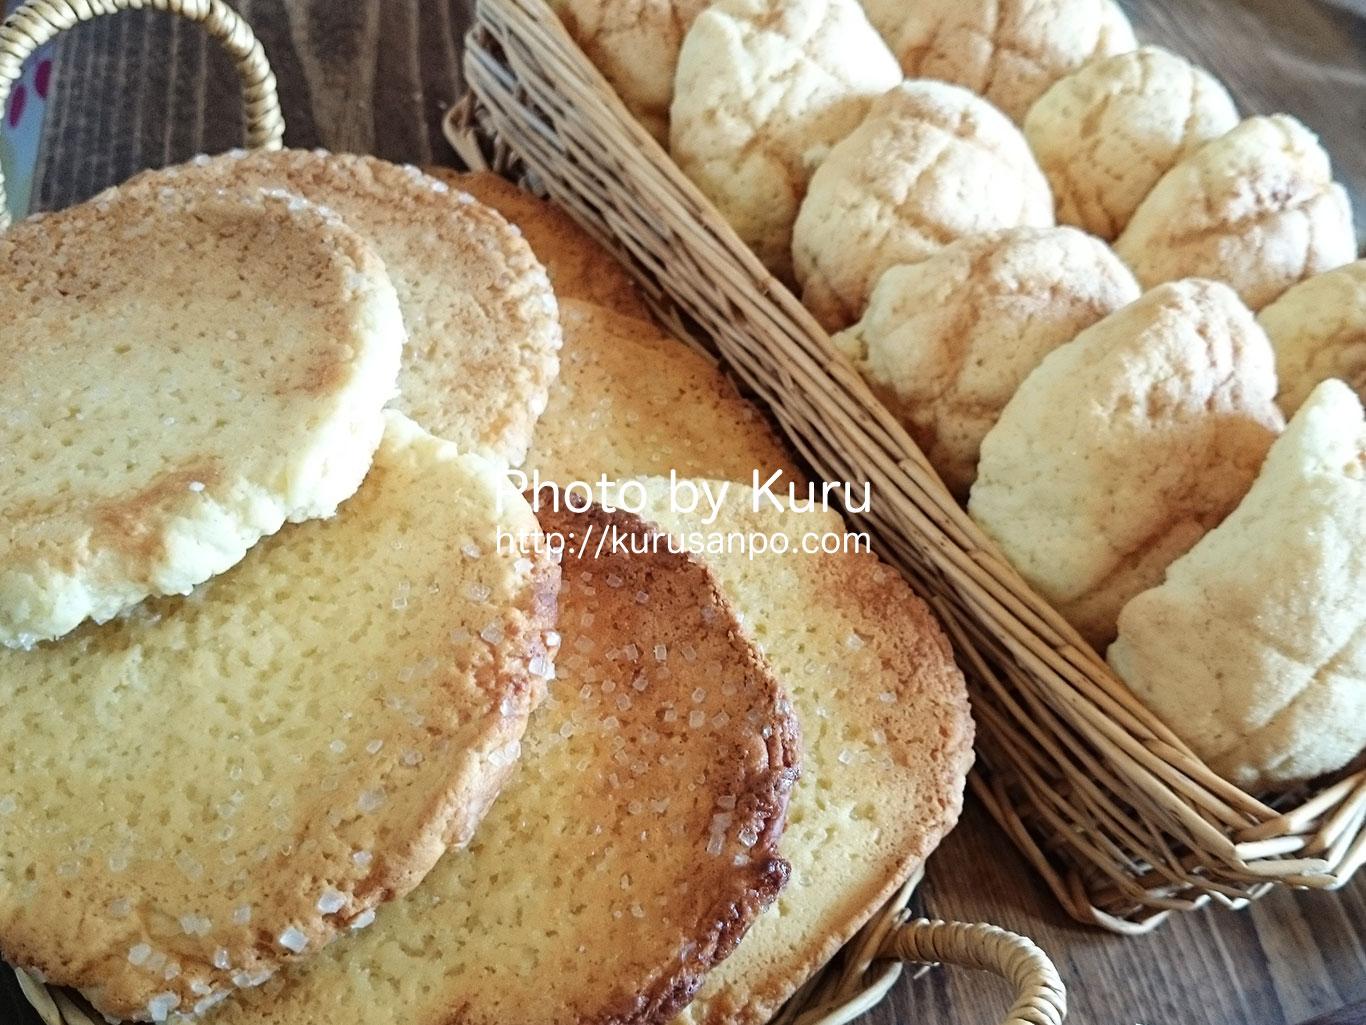 パン教室でメロンパンを焼いたよ♪